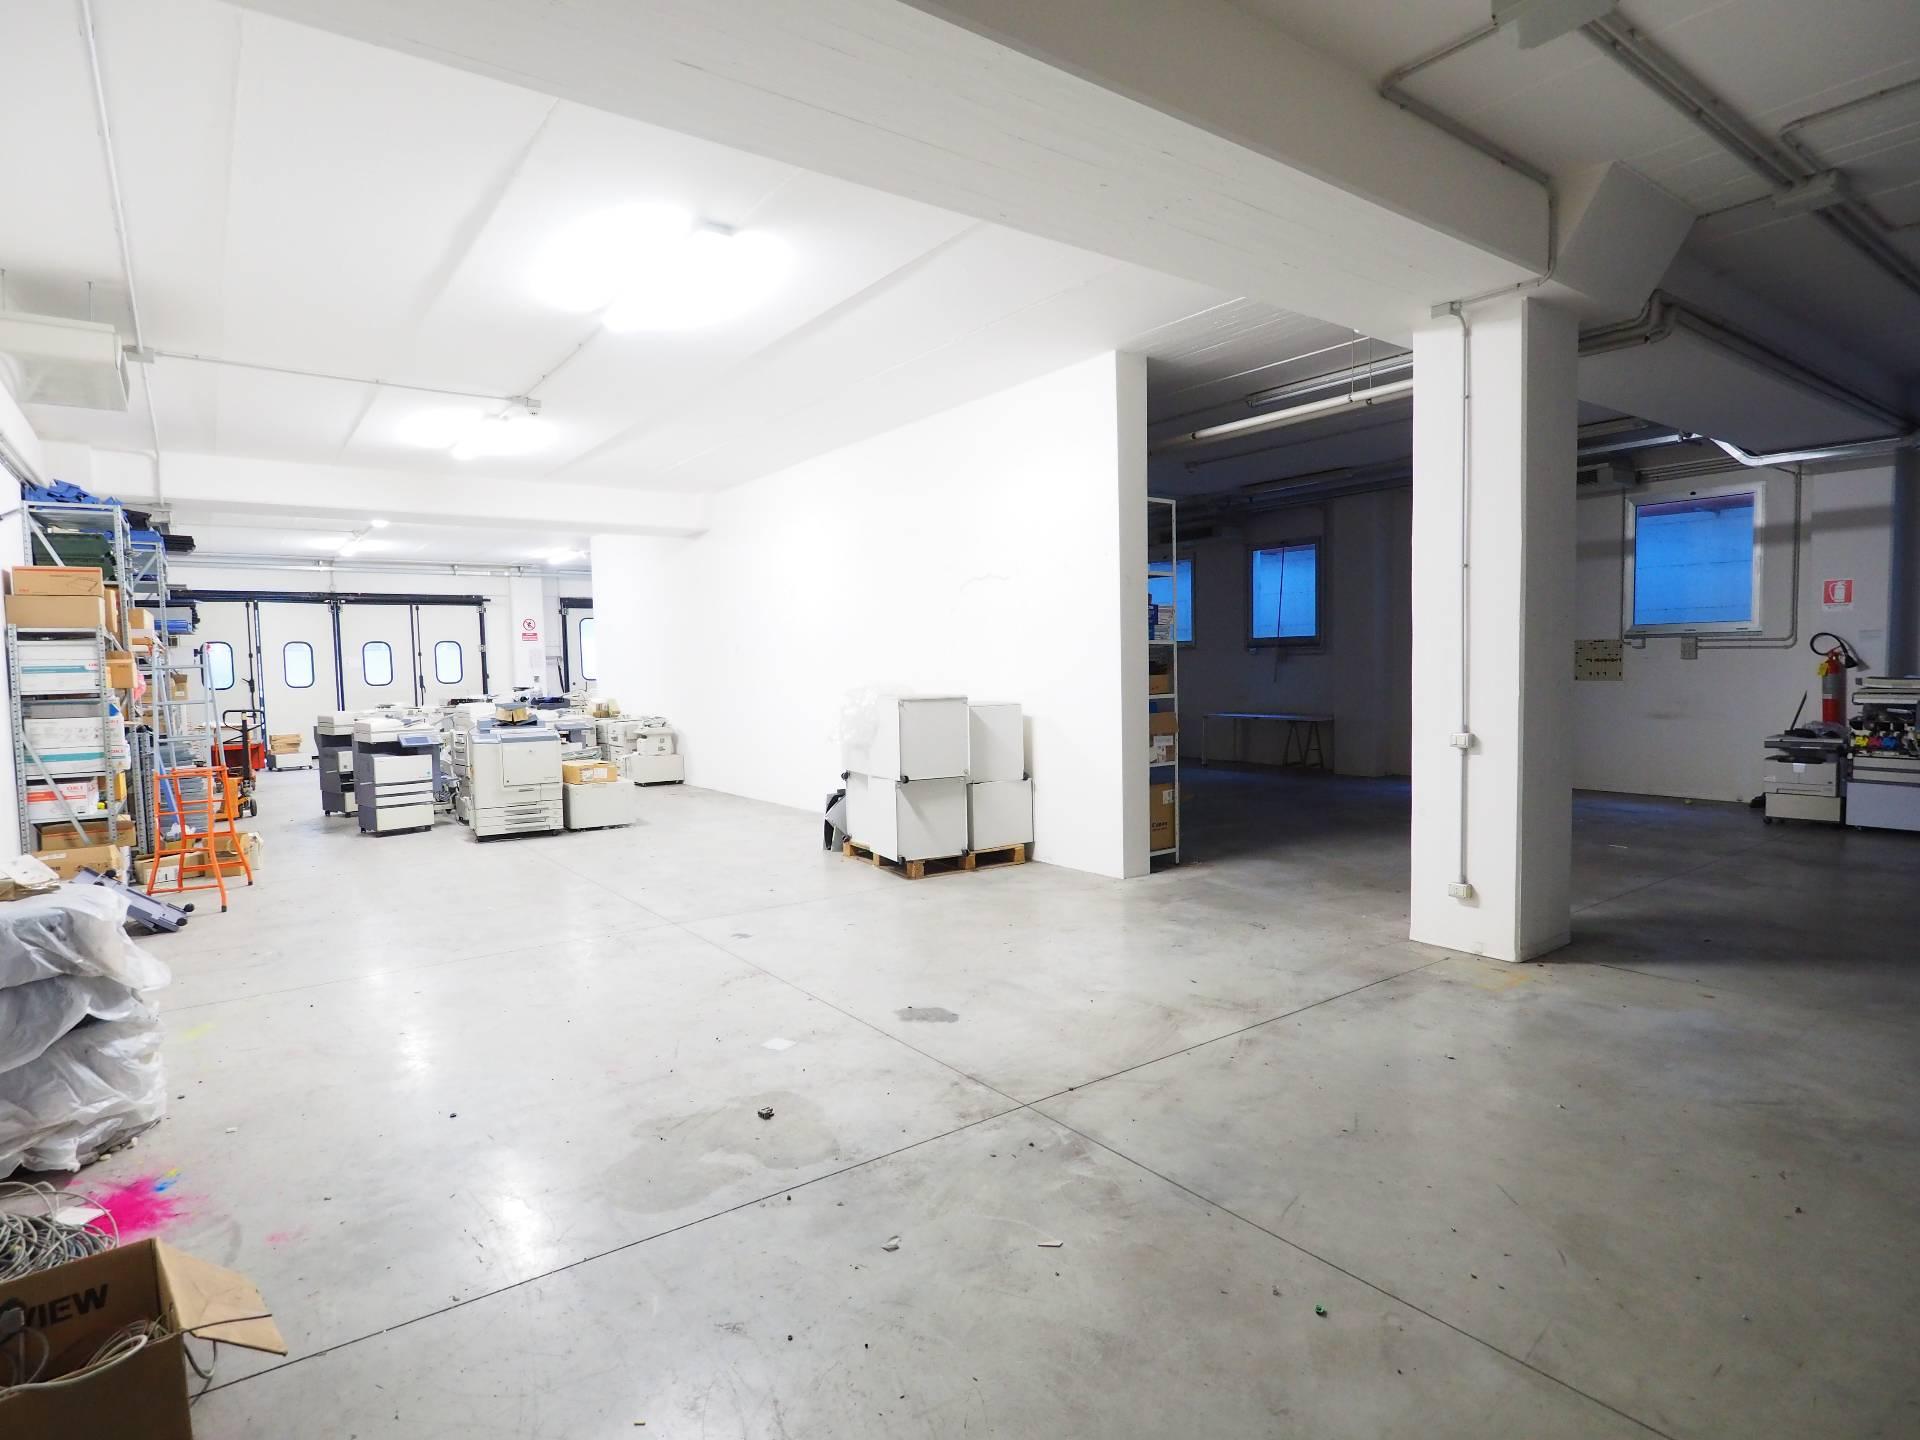 Laboratorio in vendita a Montecosaro, 9999 locali, zona Località: MontecosaroScalo, prezzo € 90.000 | CambioCasa.it